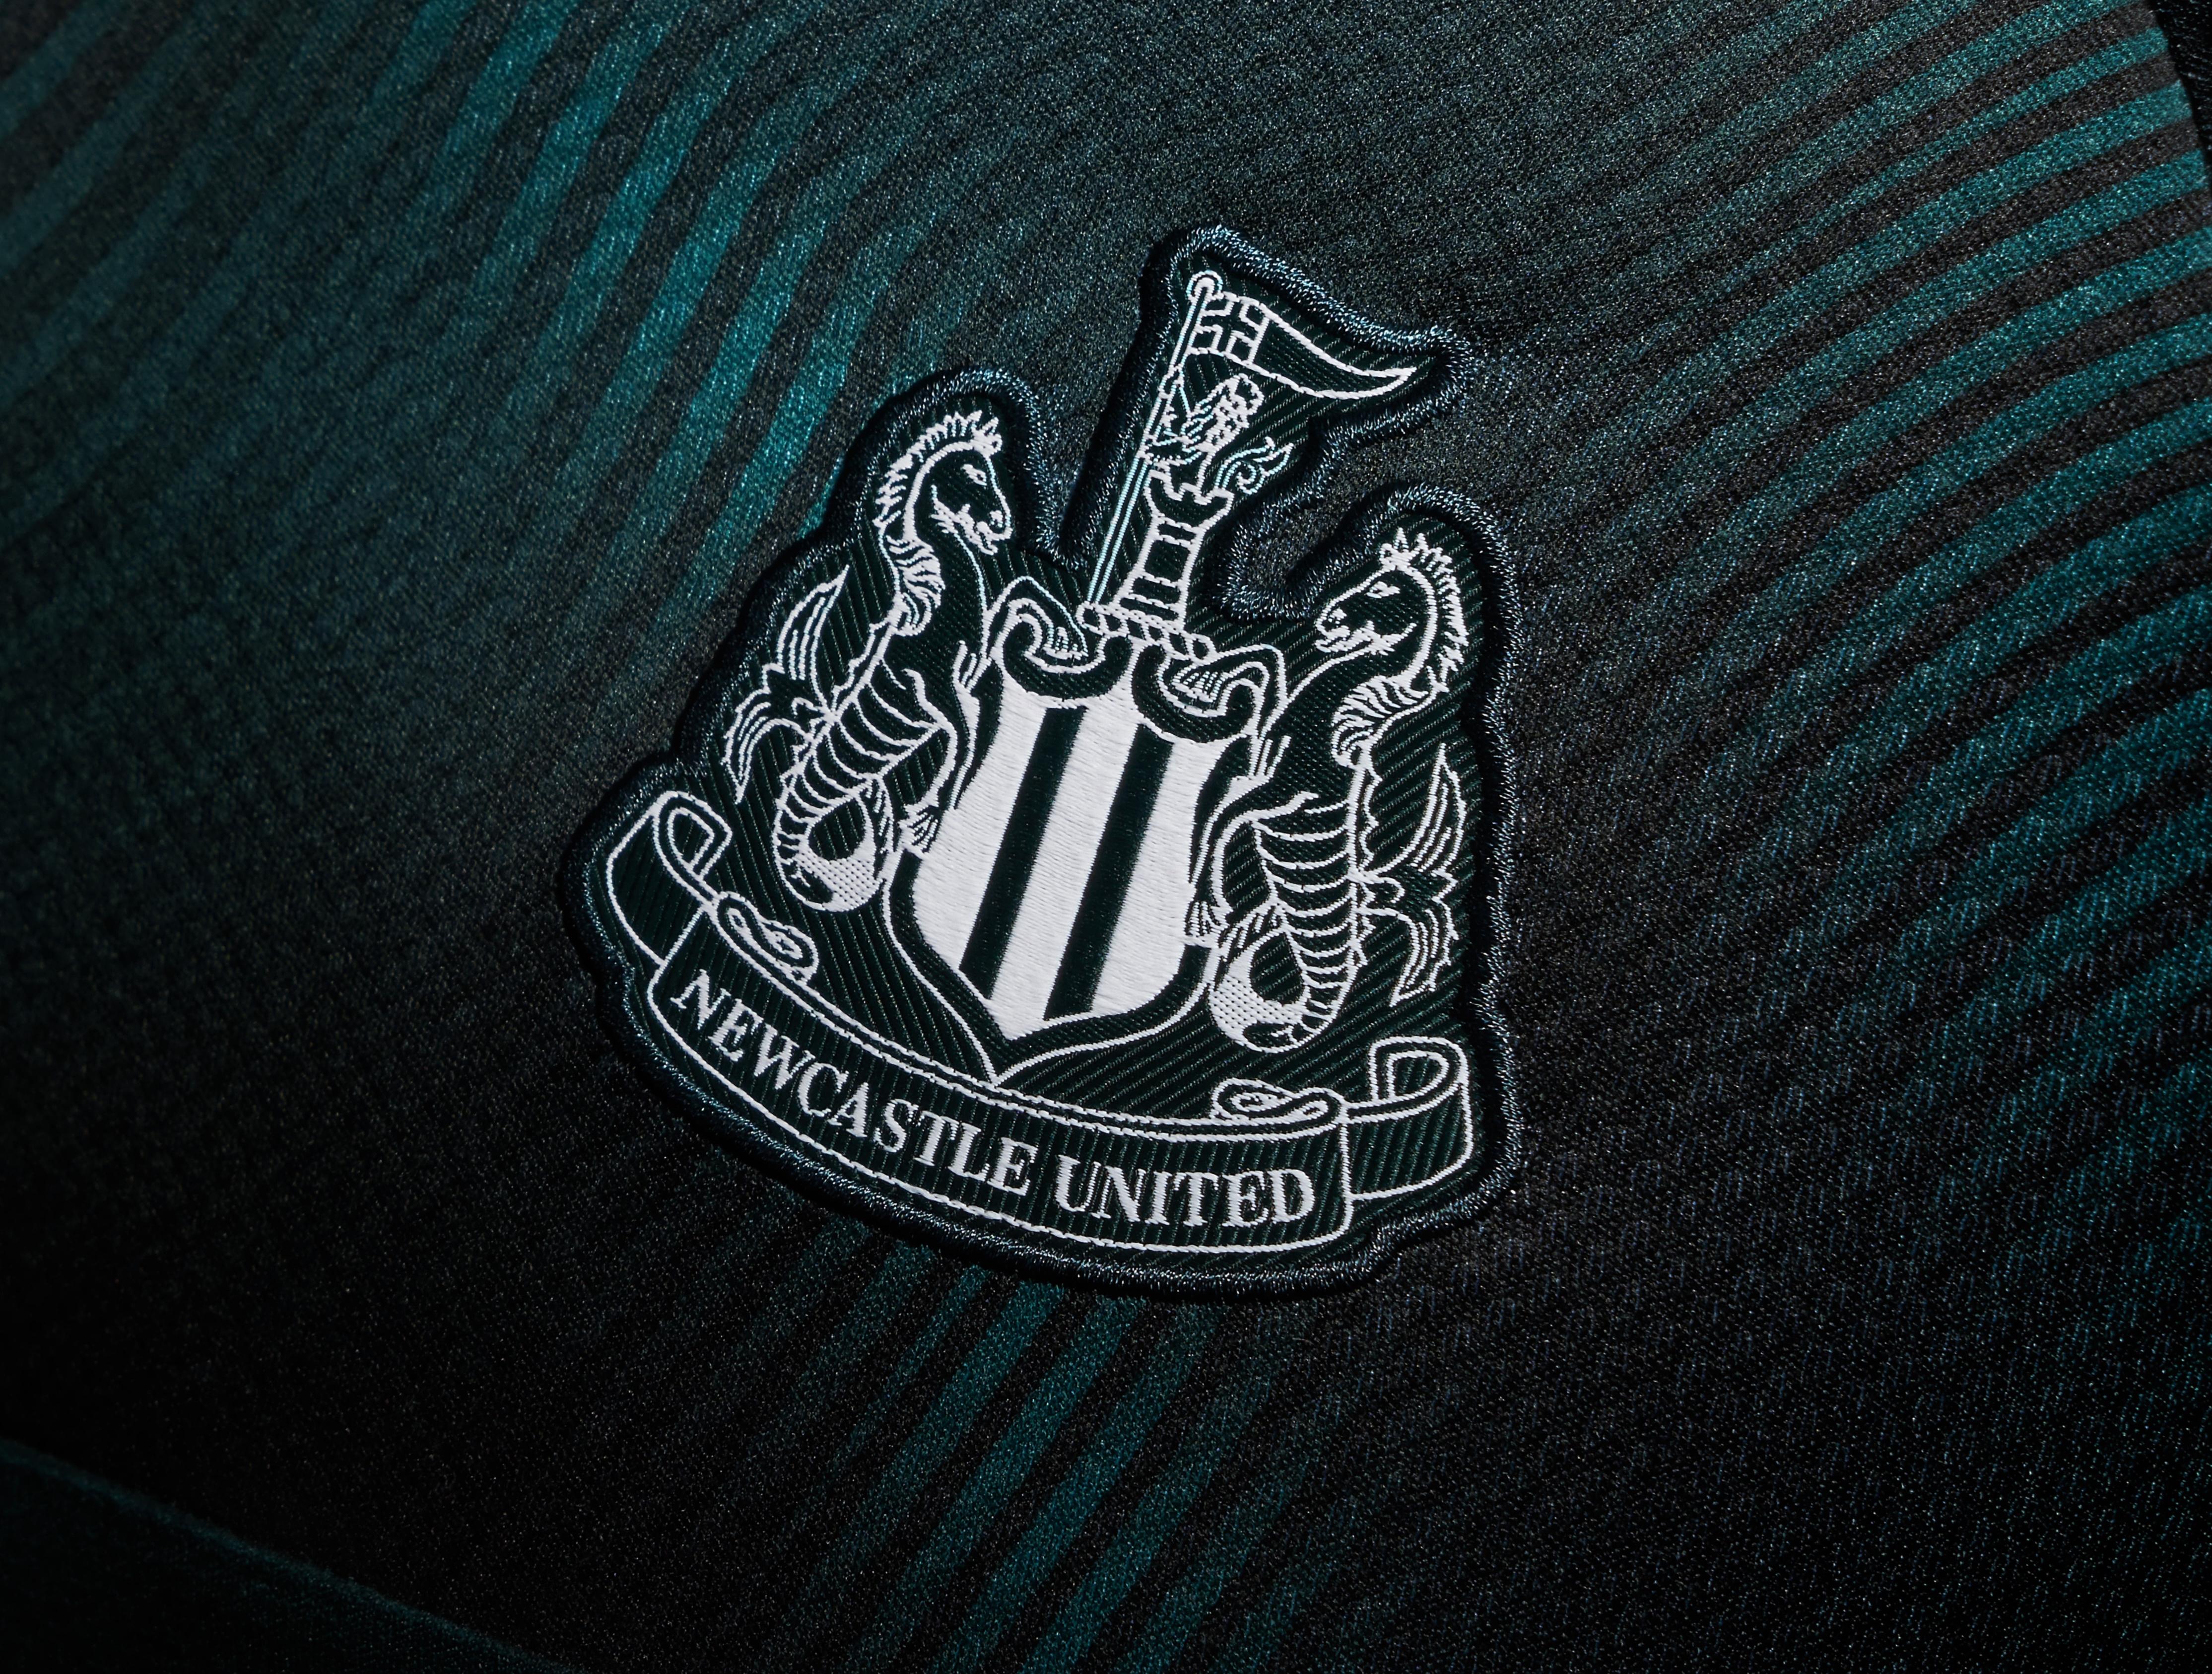 Newcastle United - New 2019/20 away kit revealed